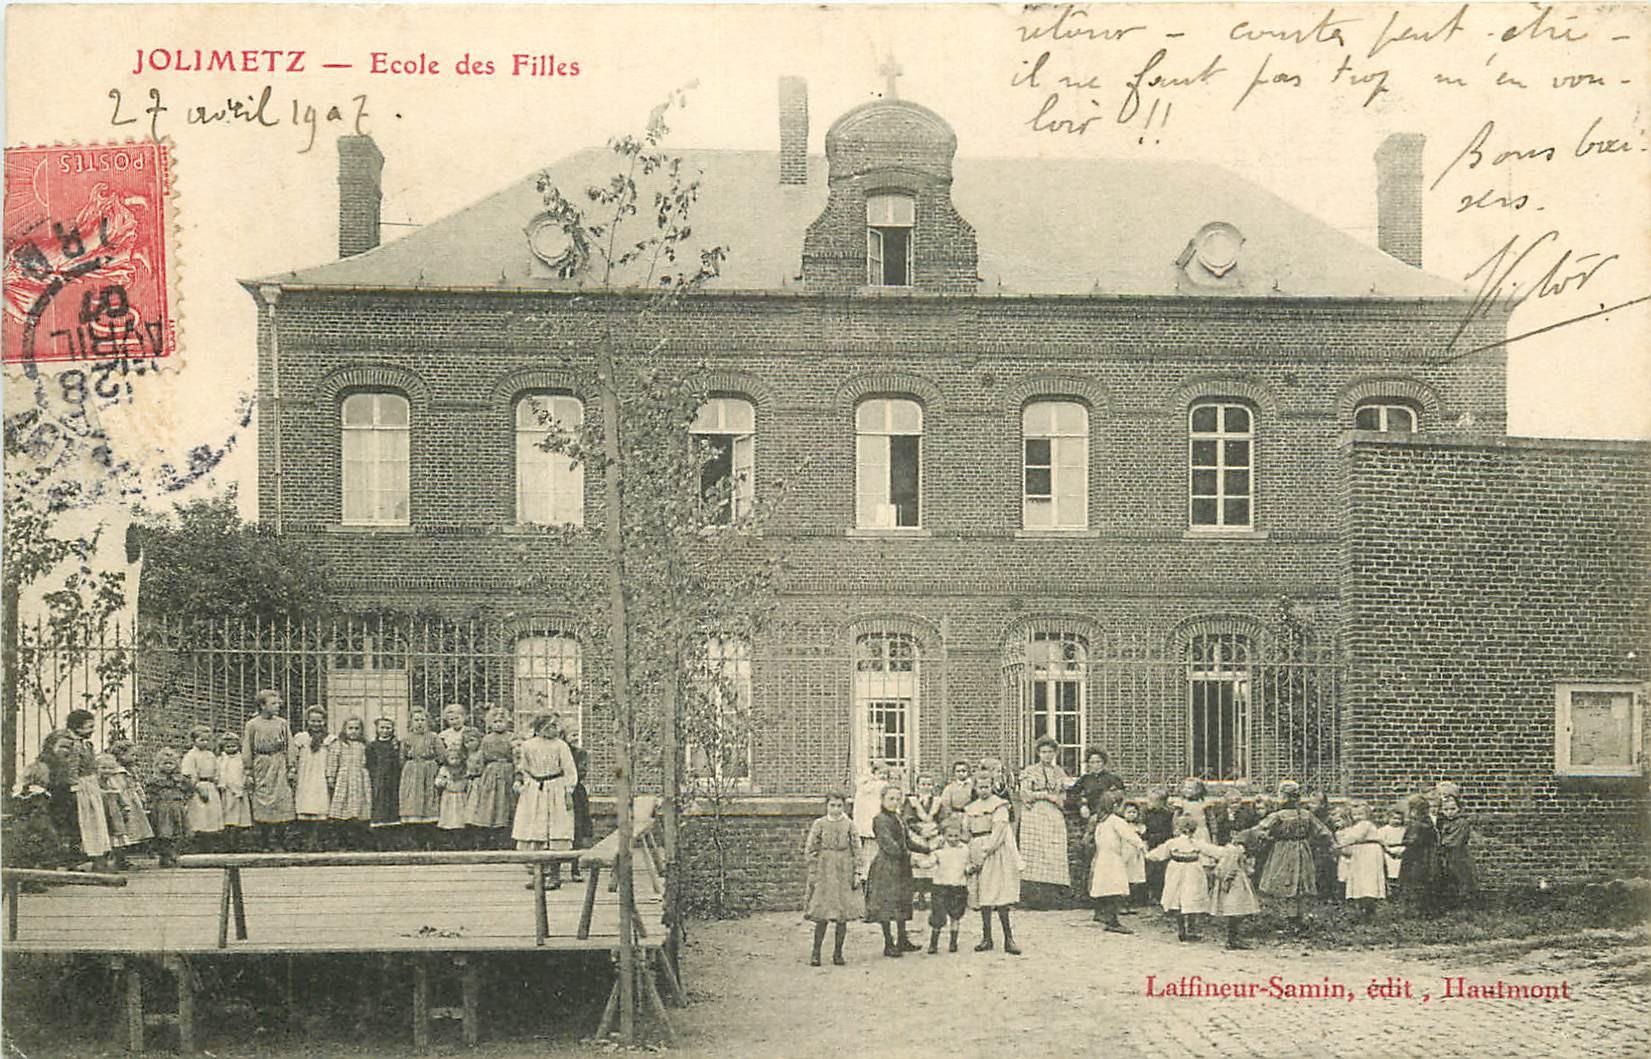 WW 59 JOLIMETZ. Rondes à l'Ecole des Filles et une Chorale 1907